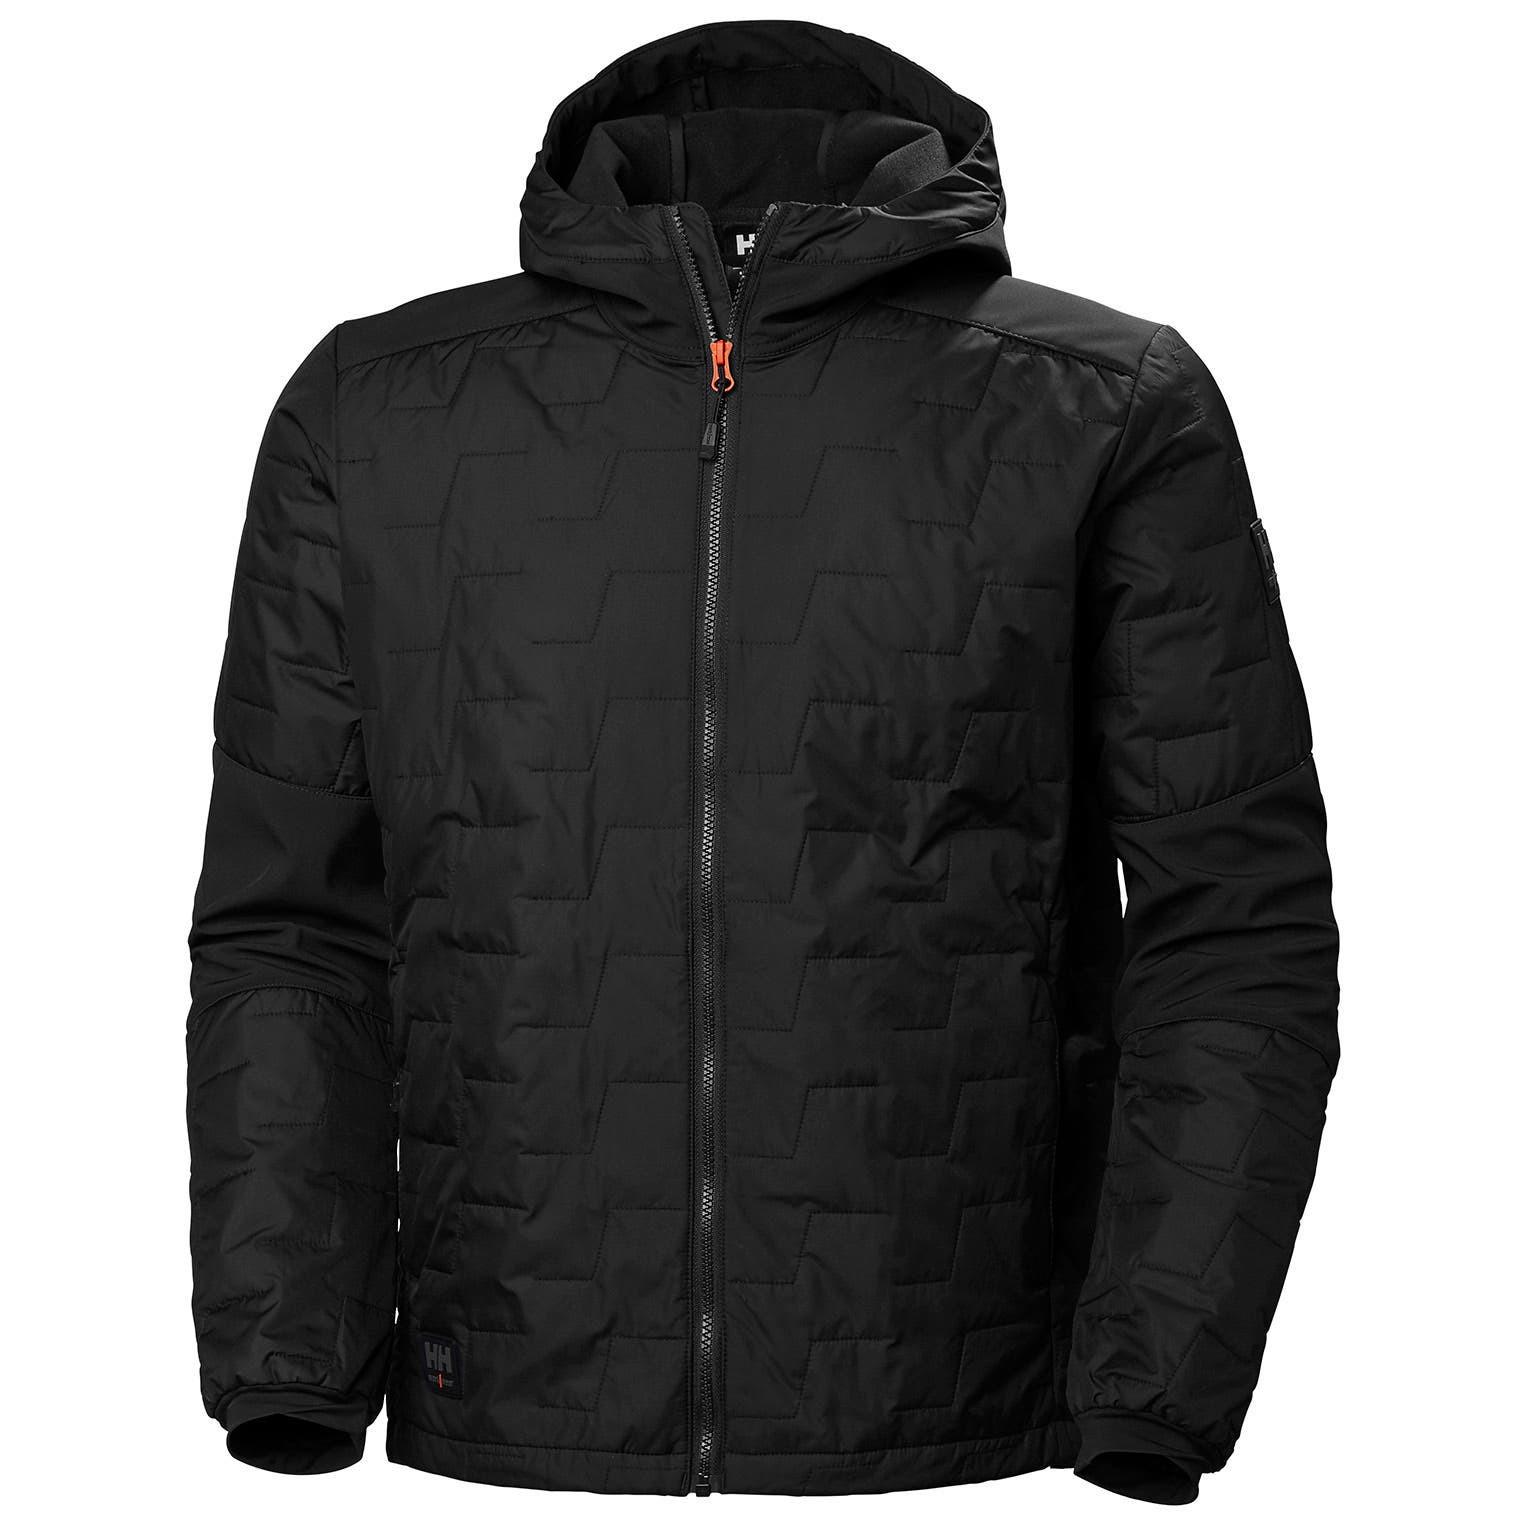 Куртка Helly Hansen Kensington Hooded Lifaloft Jacket - 73230 (Black; XL)